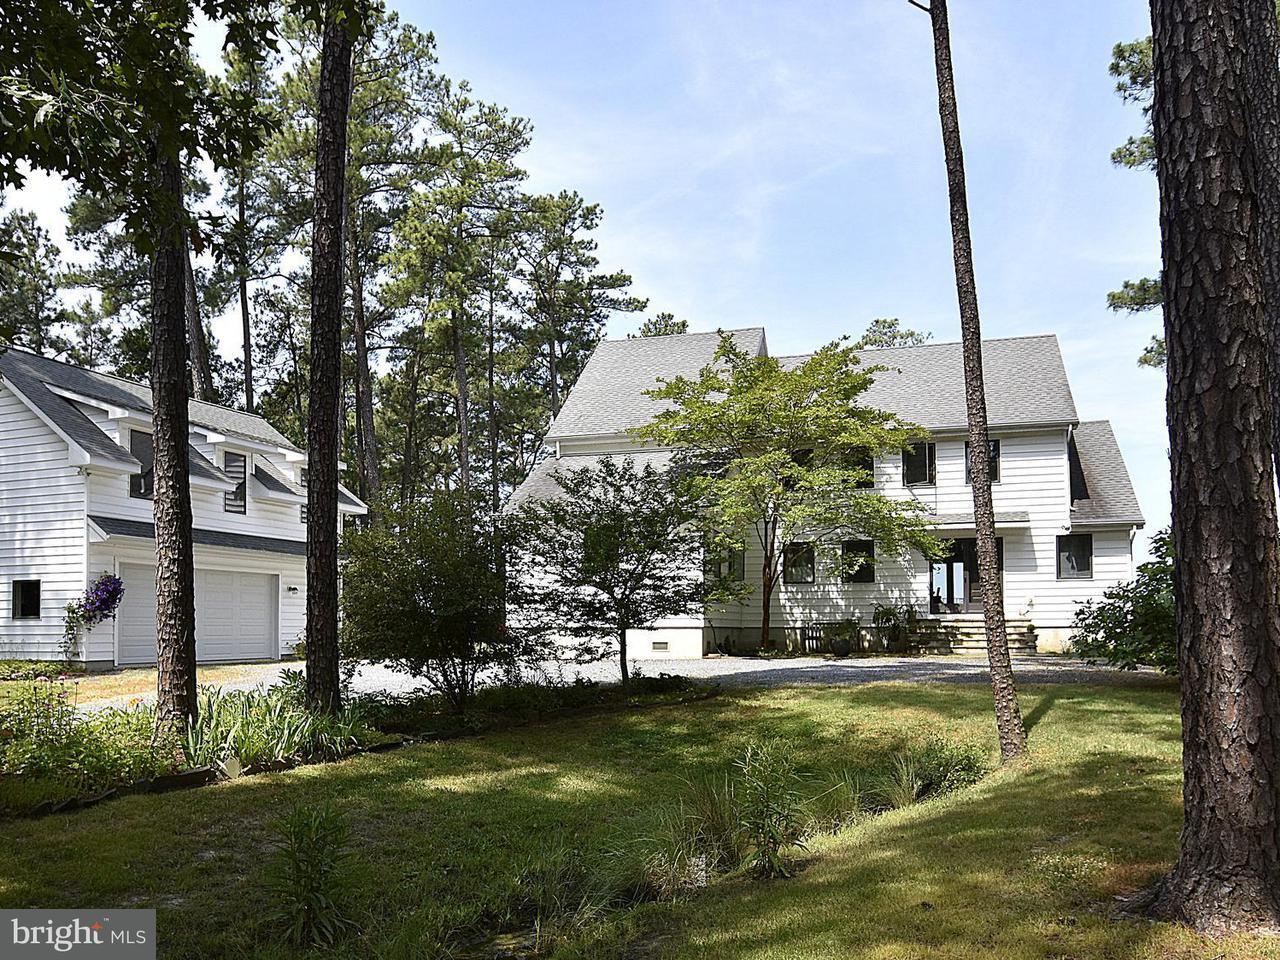 一戸建て のために 売買 アット 6650 TILGHMAN ISLAND Road 6650 TILGHMAN ISLAND Road Sherwood, メリーランド 21665 アメリカ合衆国